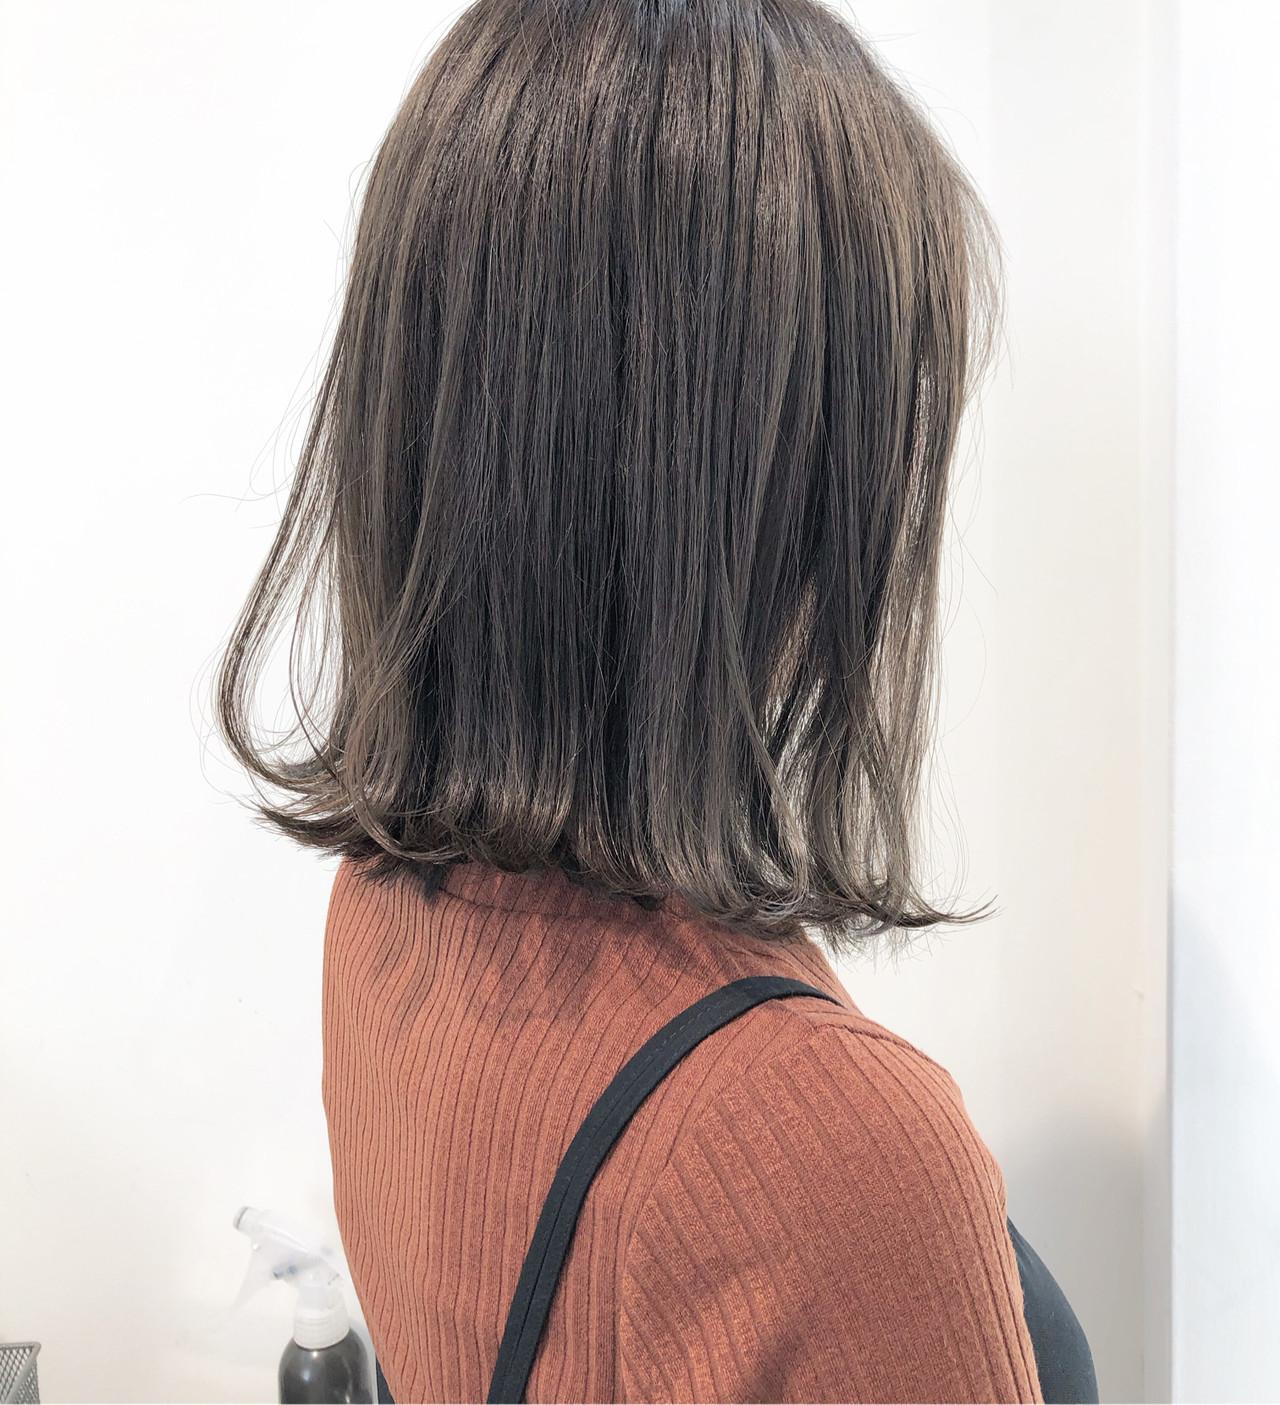 ナチュラル グレージュ ミディアム ヘアアレンジ ヘアスタイルや髪型の写真・画像